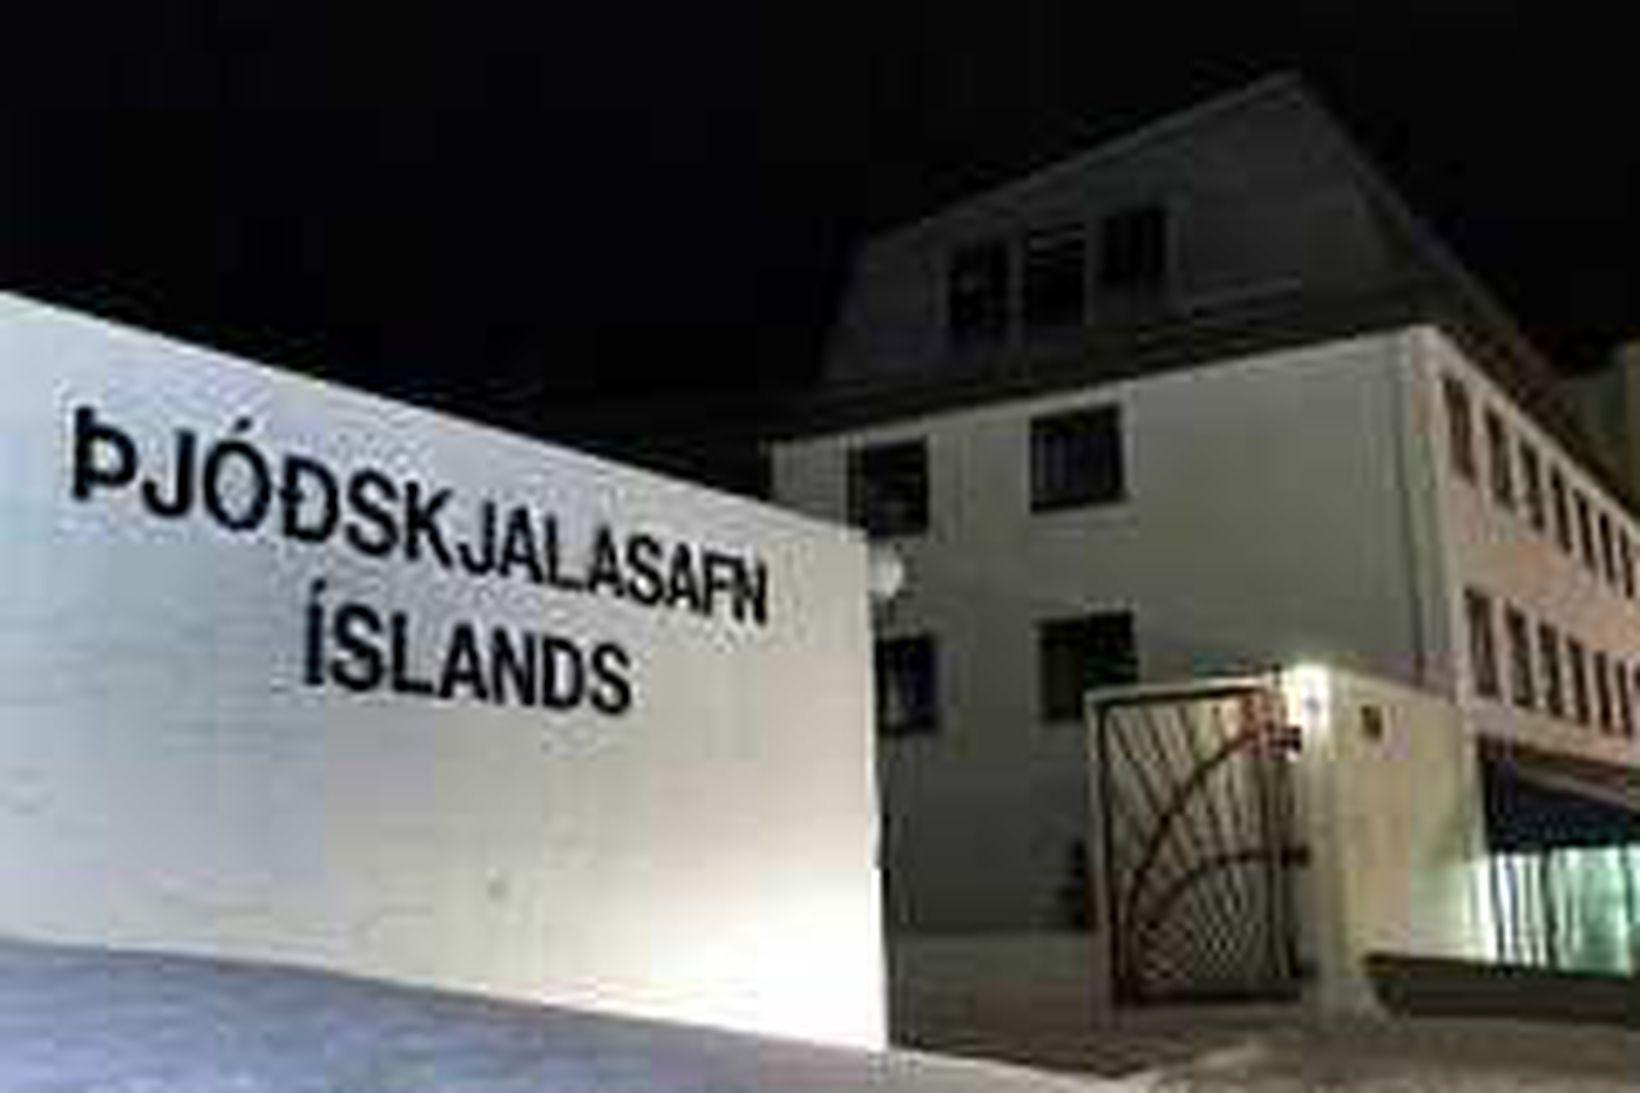 Þjóðskjalasafn Íslands við Laugaveg í Reykjavík.